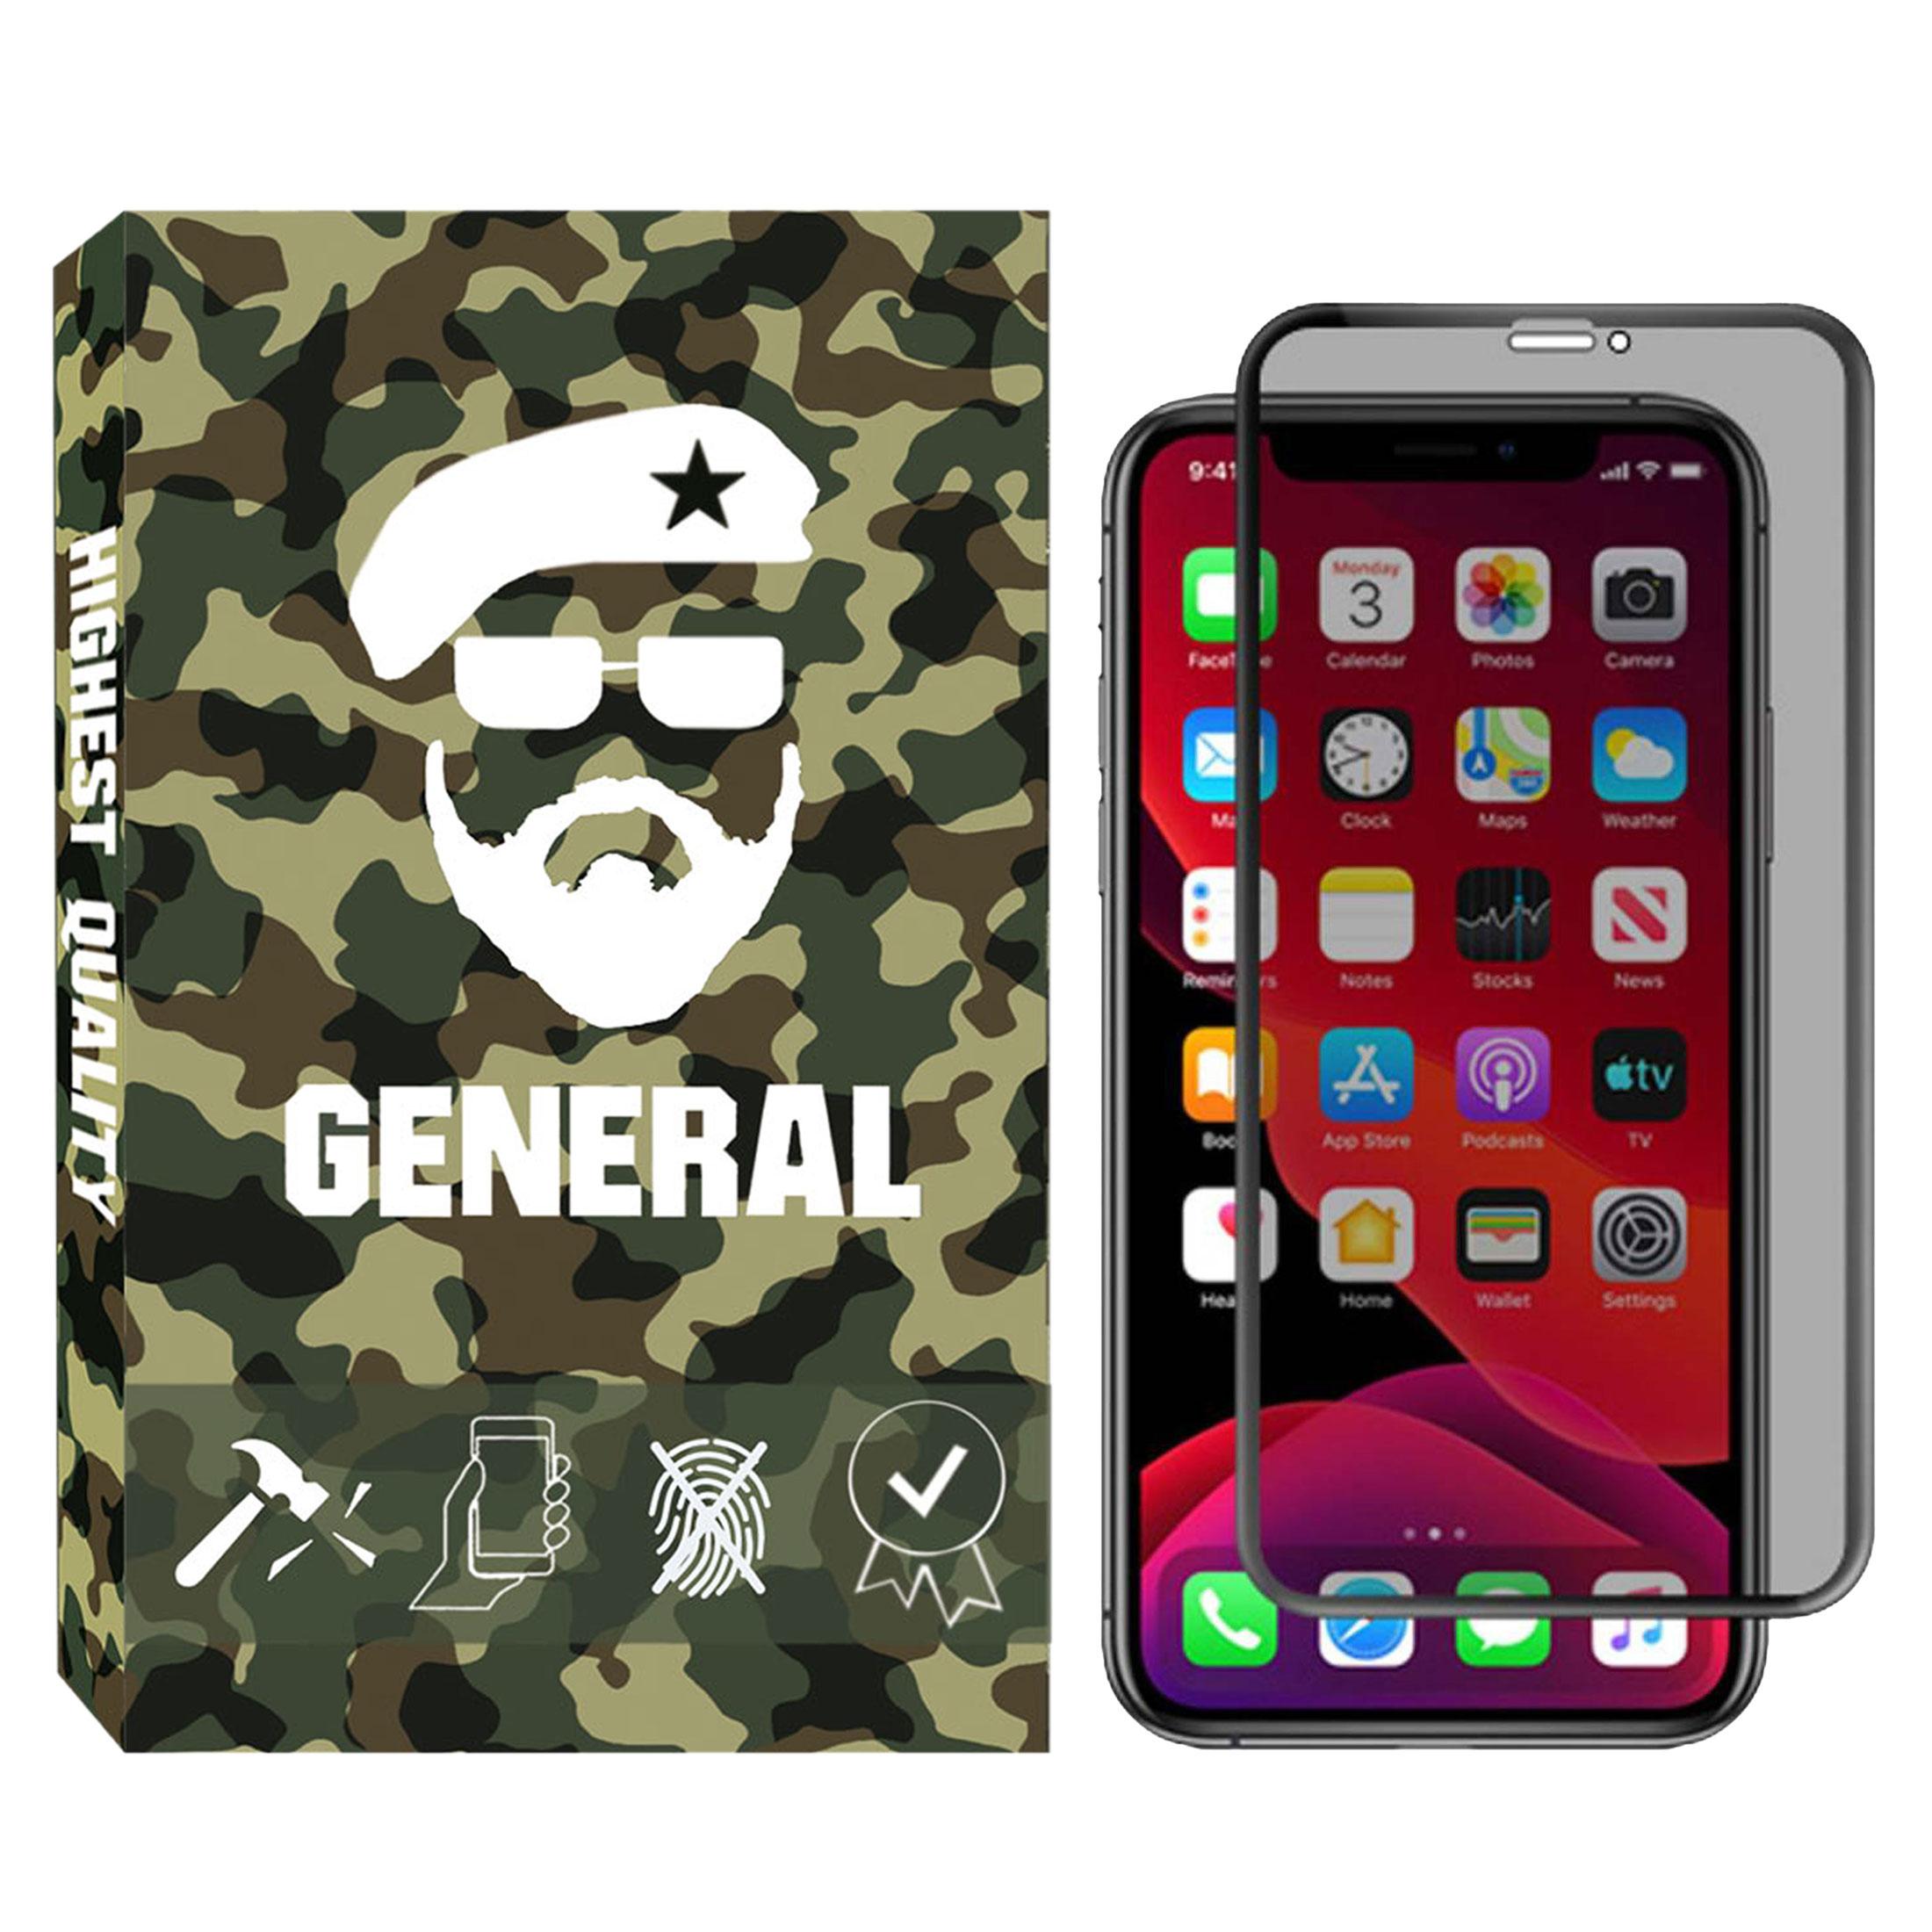 محافظ صفحه نمایش حریم شخصی ژنرال مدل GNprv-01 مناسب برای گوشی موبایل اپل IPhone X / XS thumb